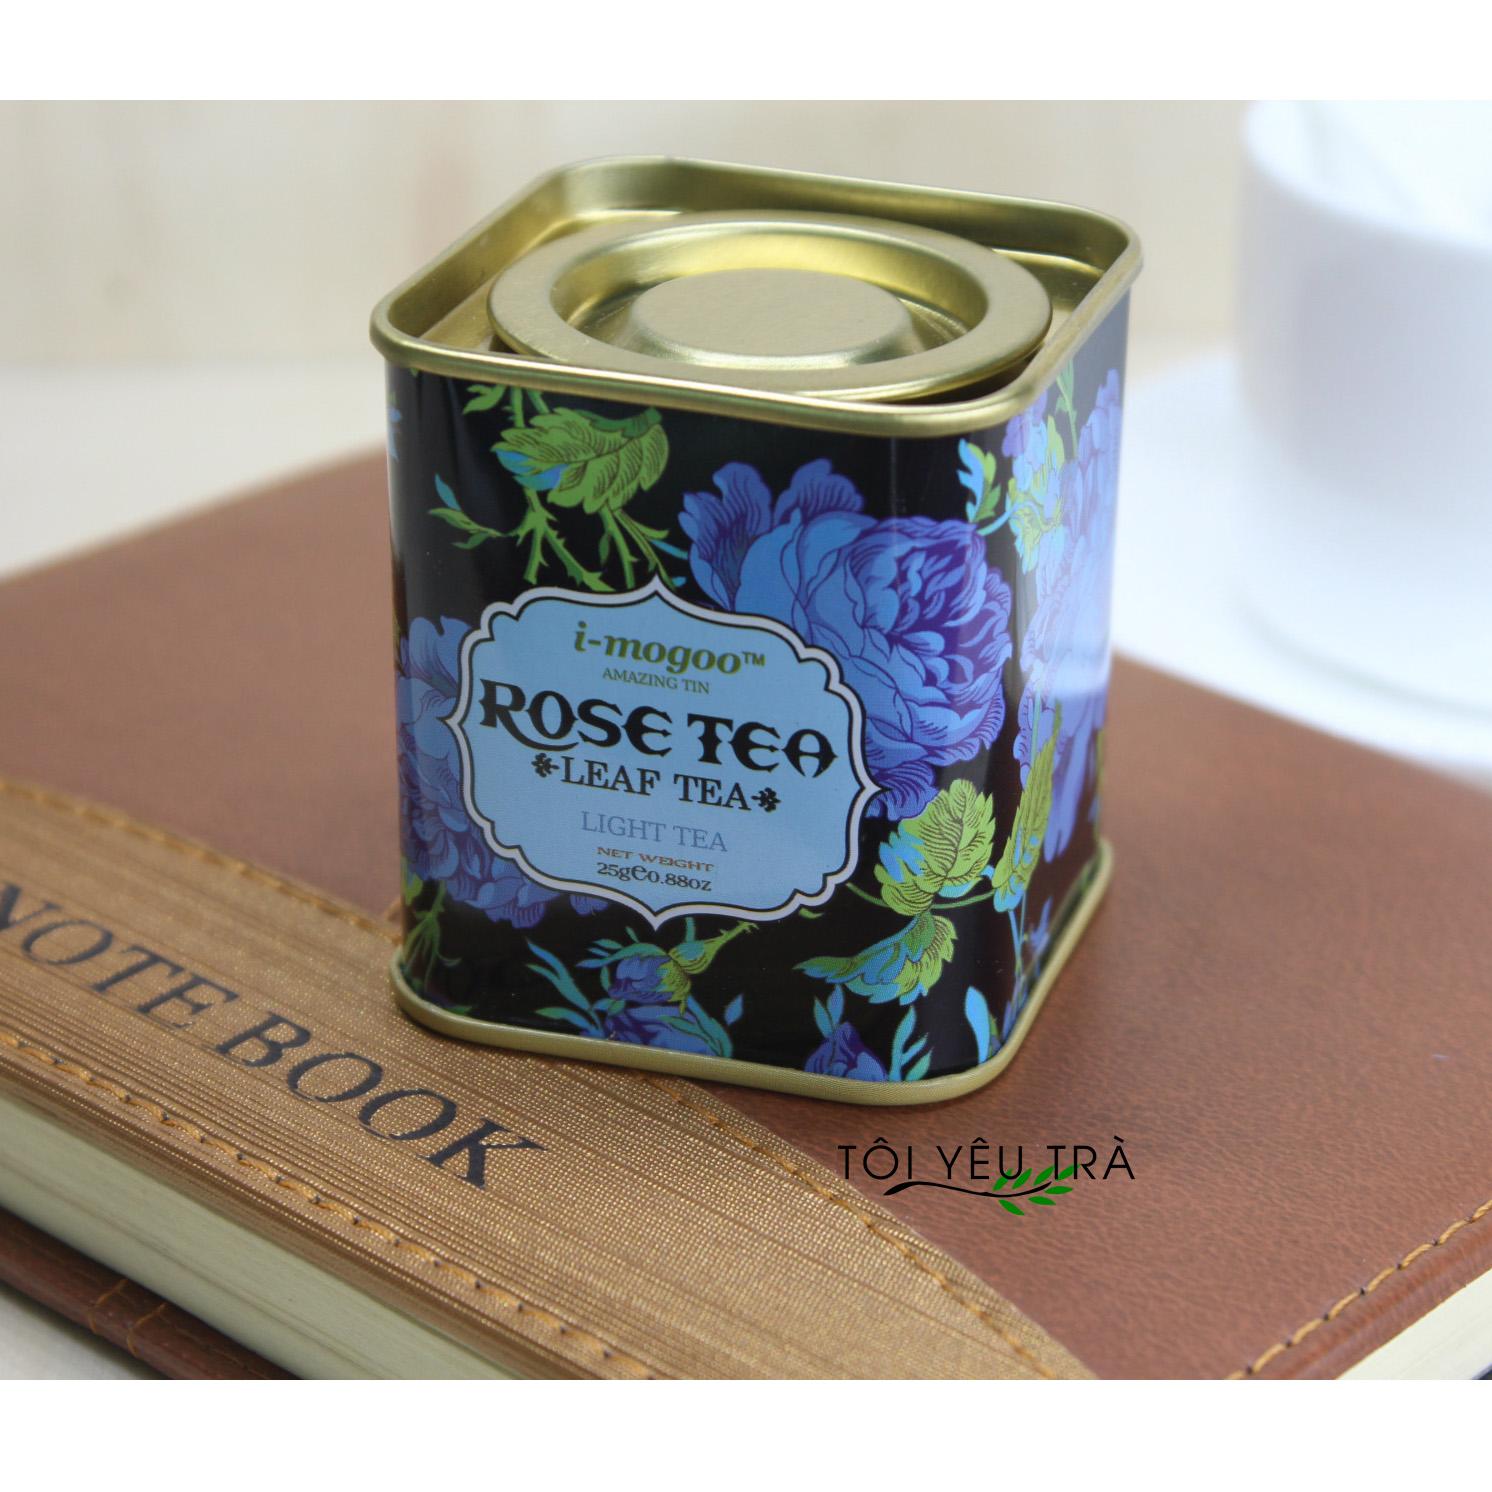 Trà hoa hồng Pakistan nhập khẩu